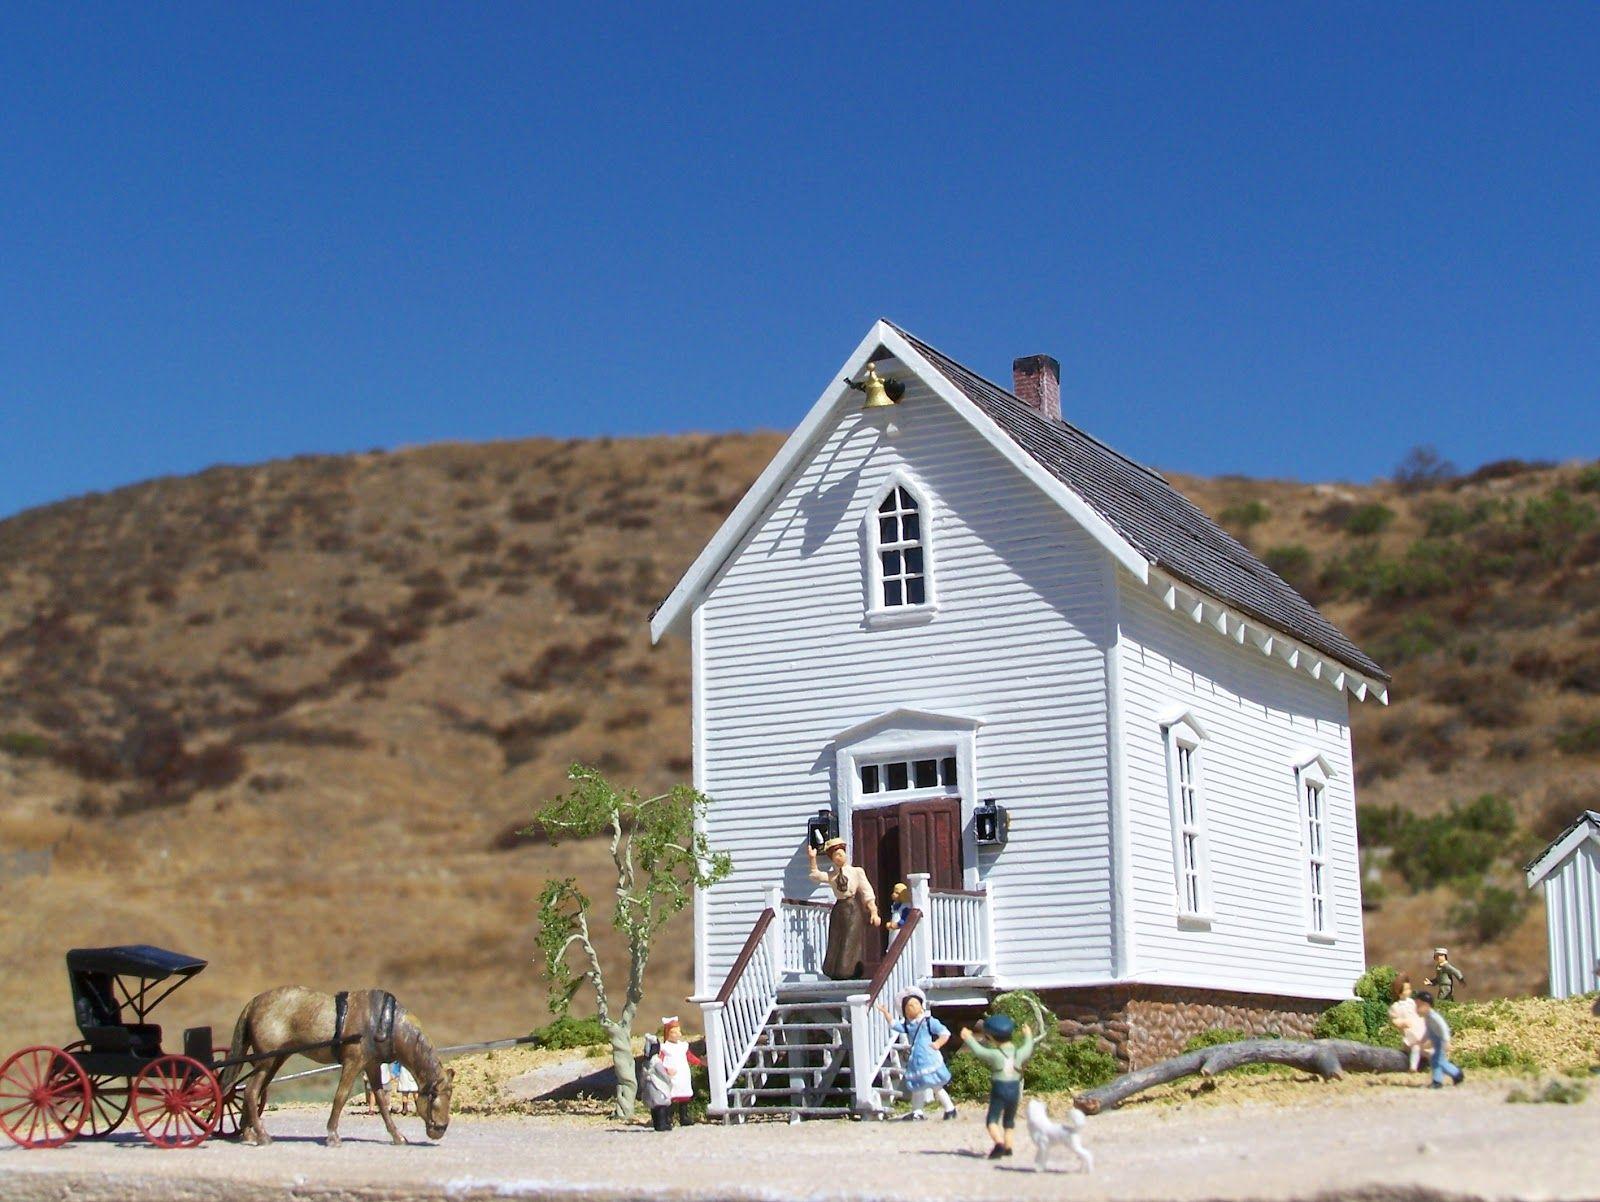 Walnut Grove School House Little House On The